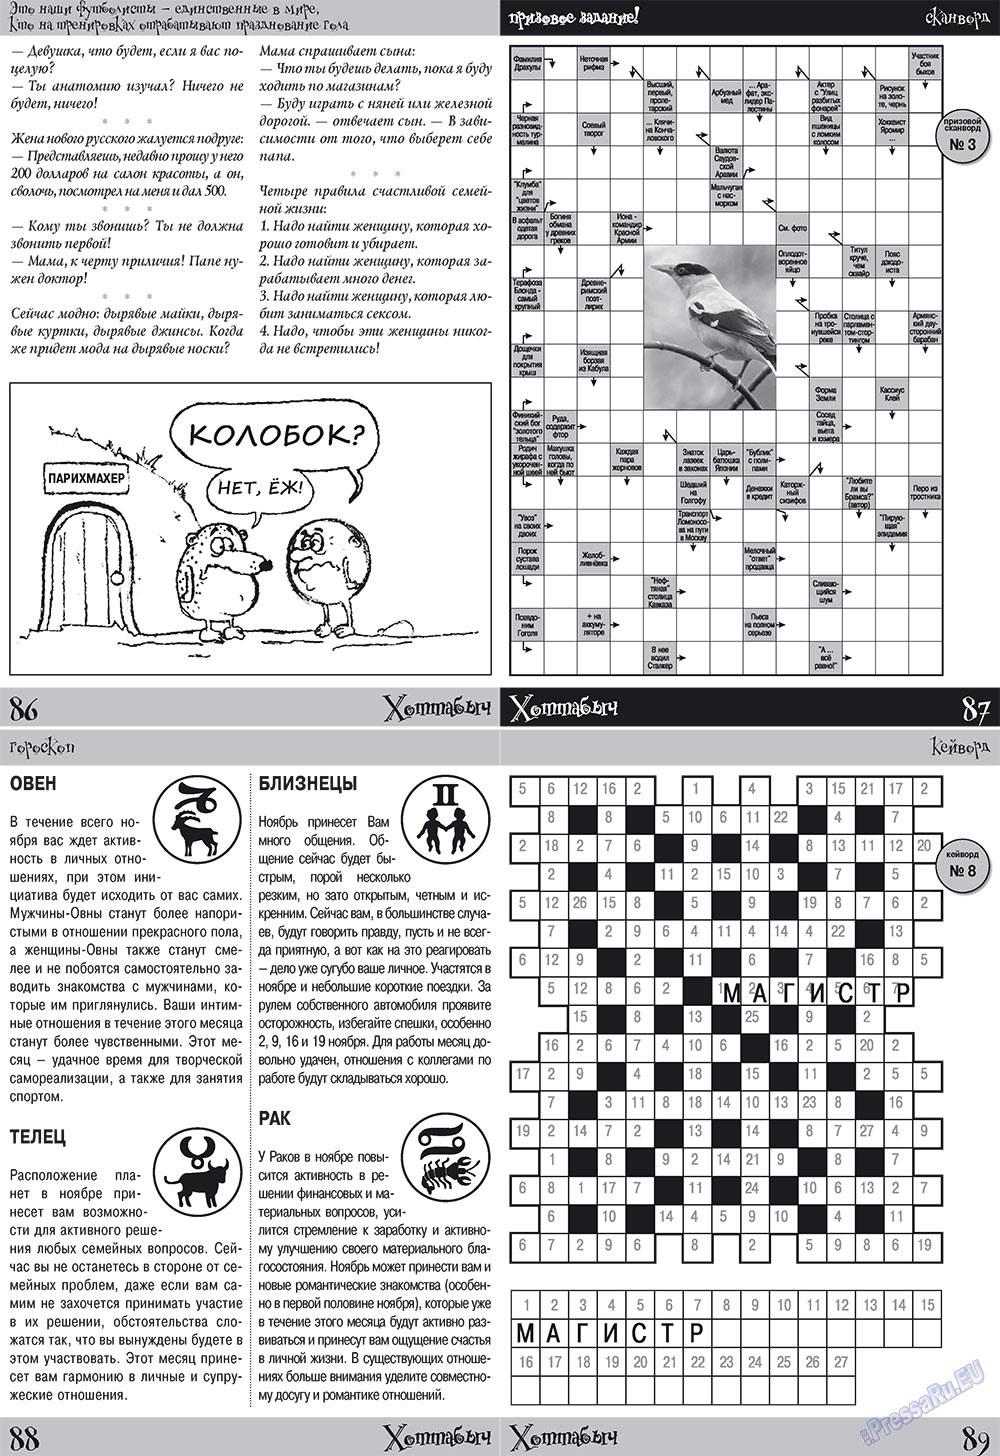 Хоттабыч (журнал). 2009 год, номер 11, стр. 23